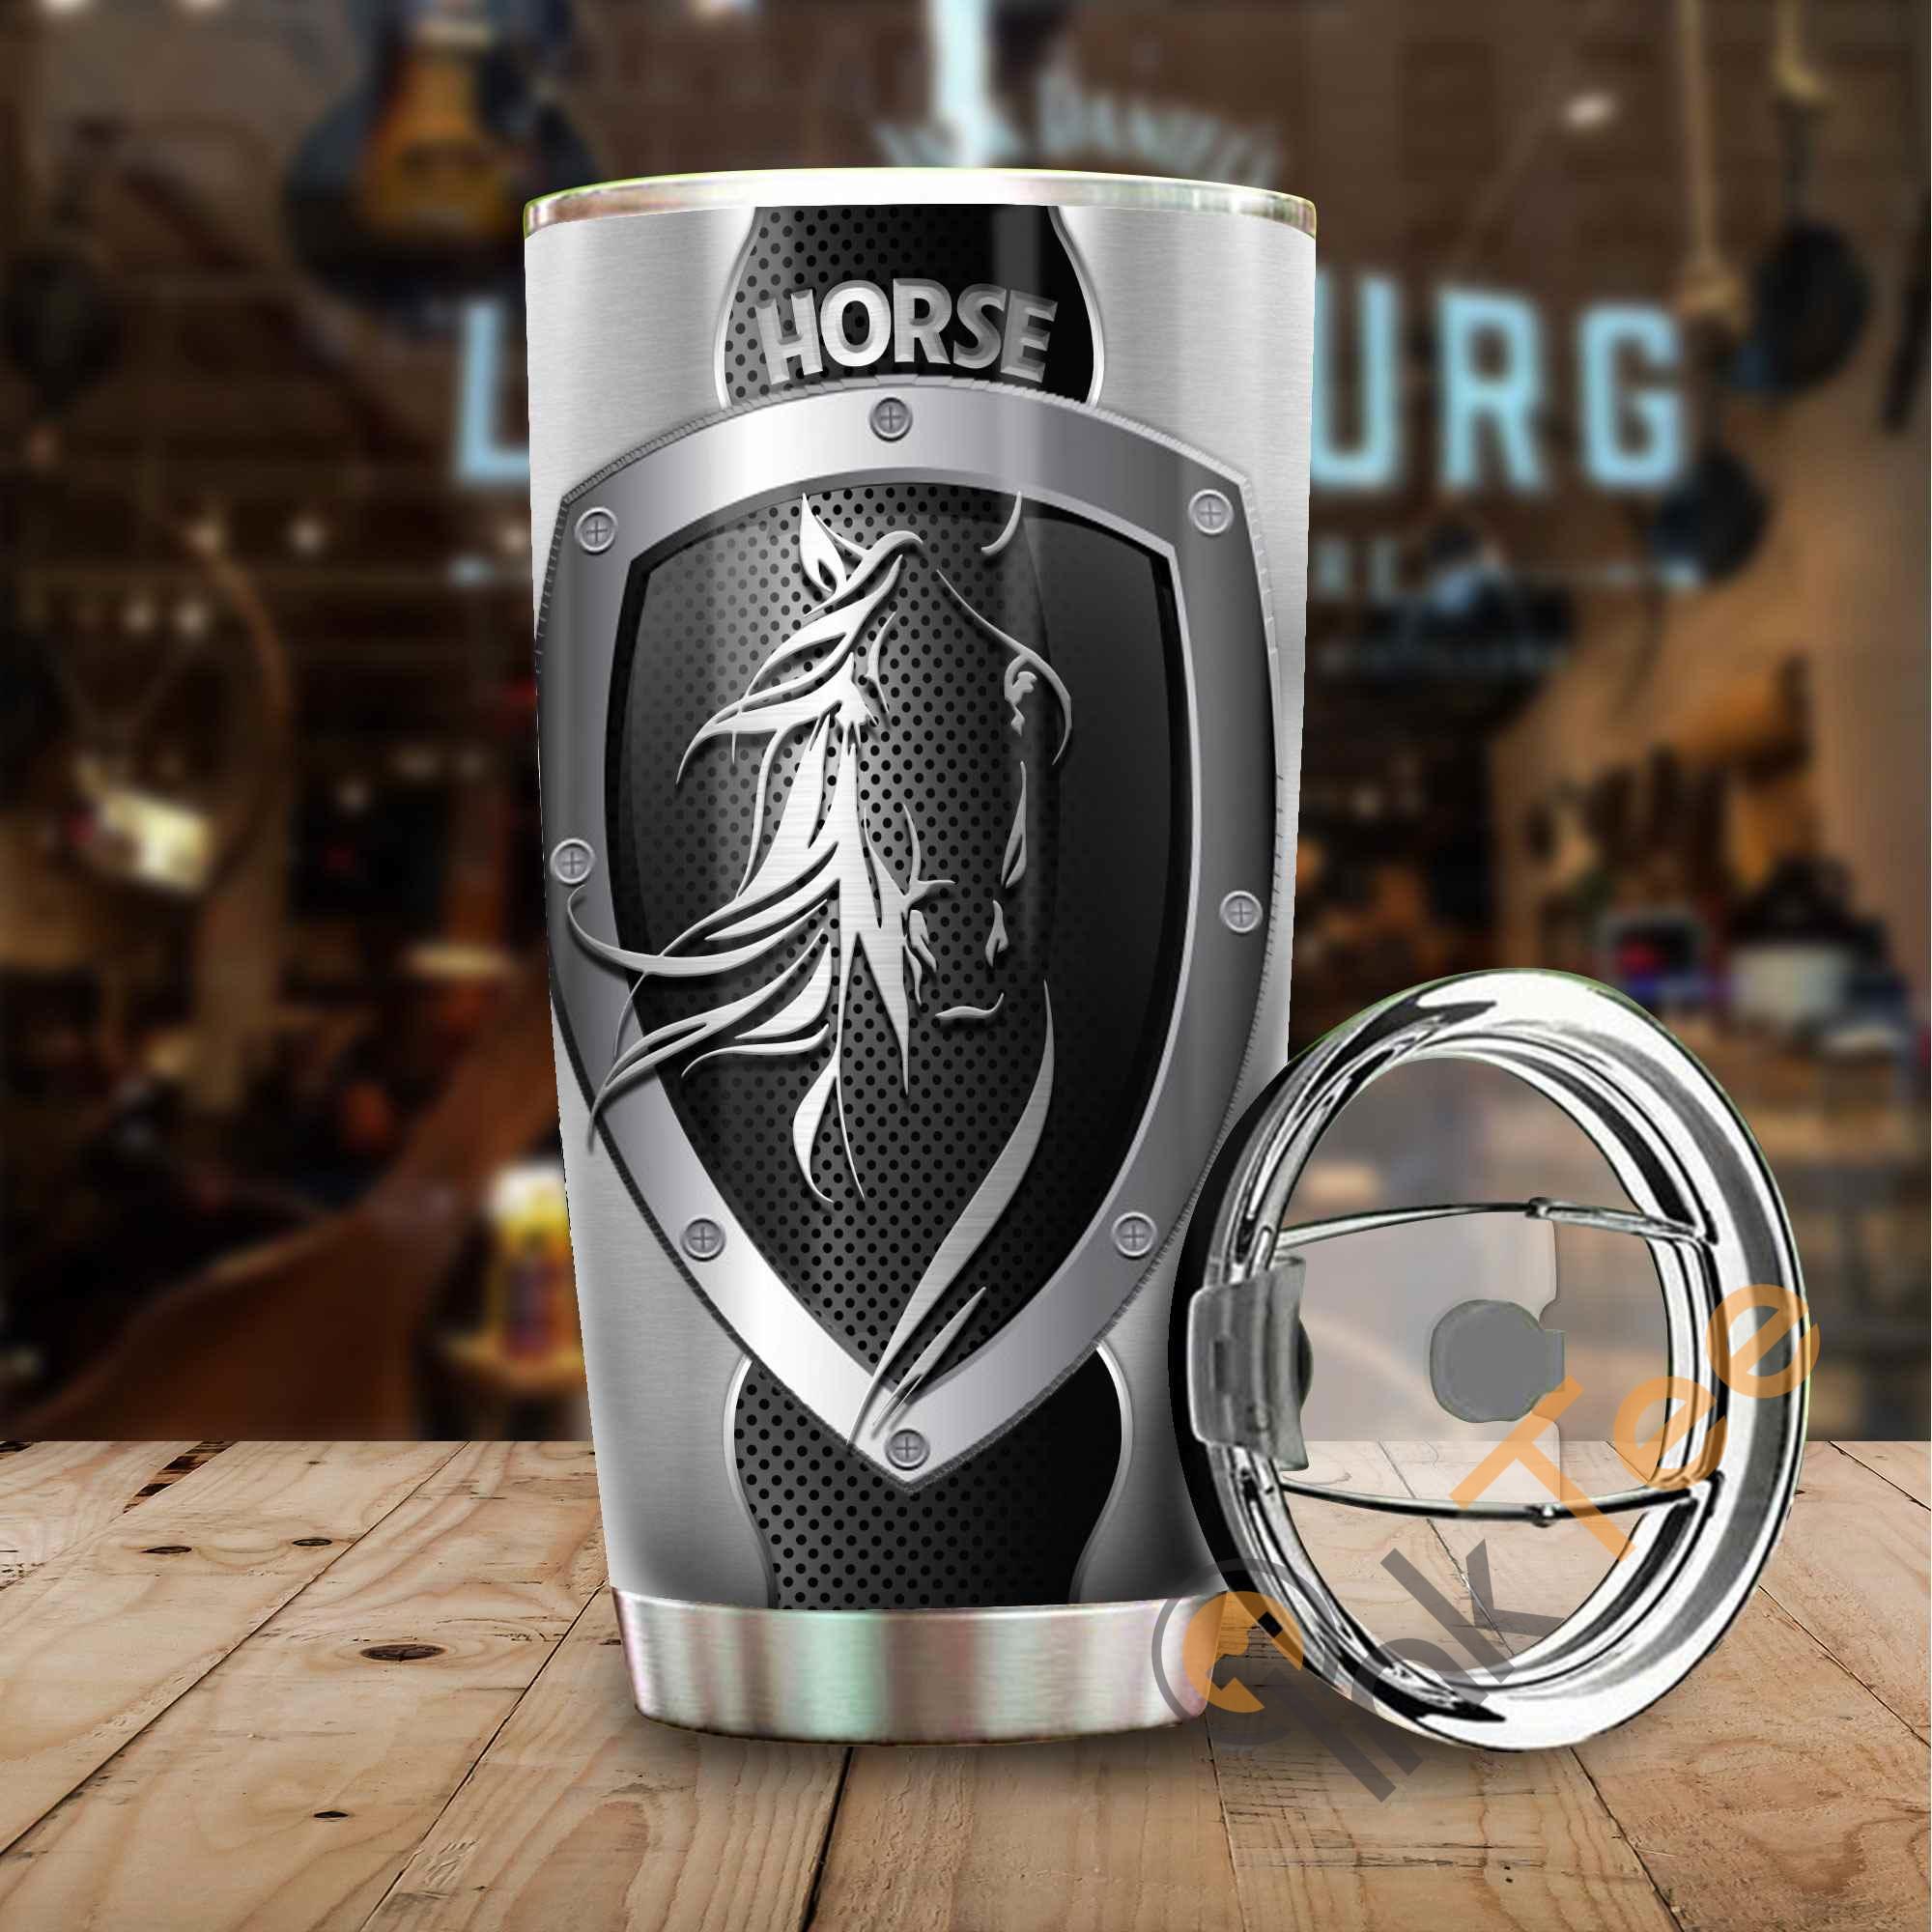 Horse Metal Amazon Best Seller Sku 3130 Stainless Steel Tumbler